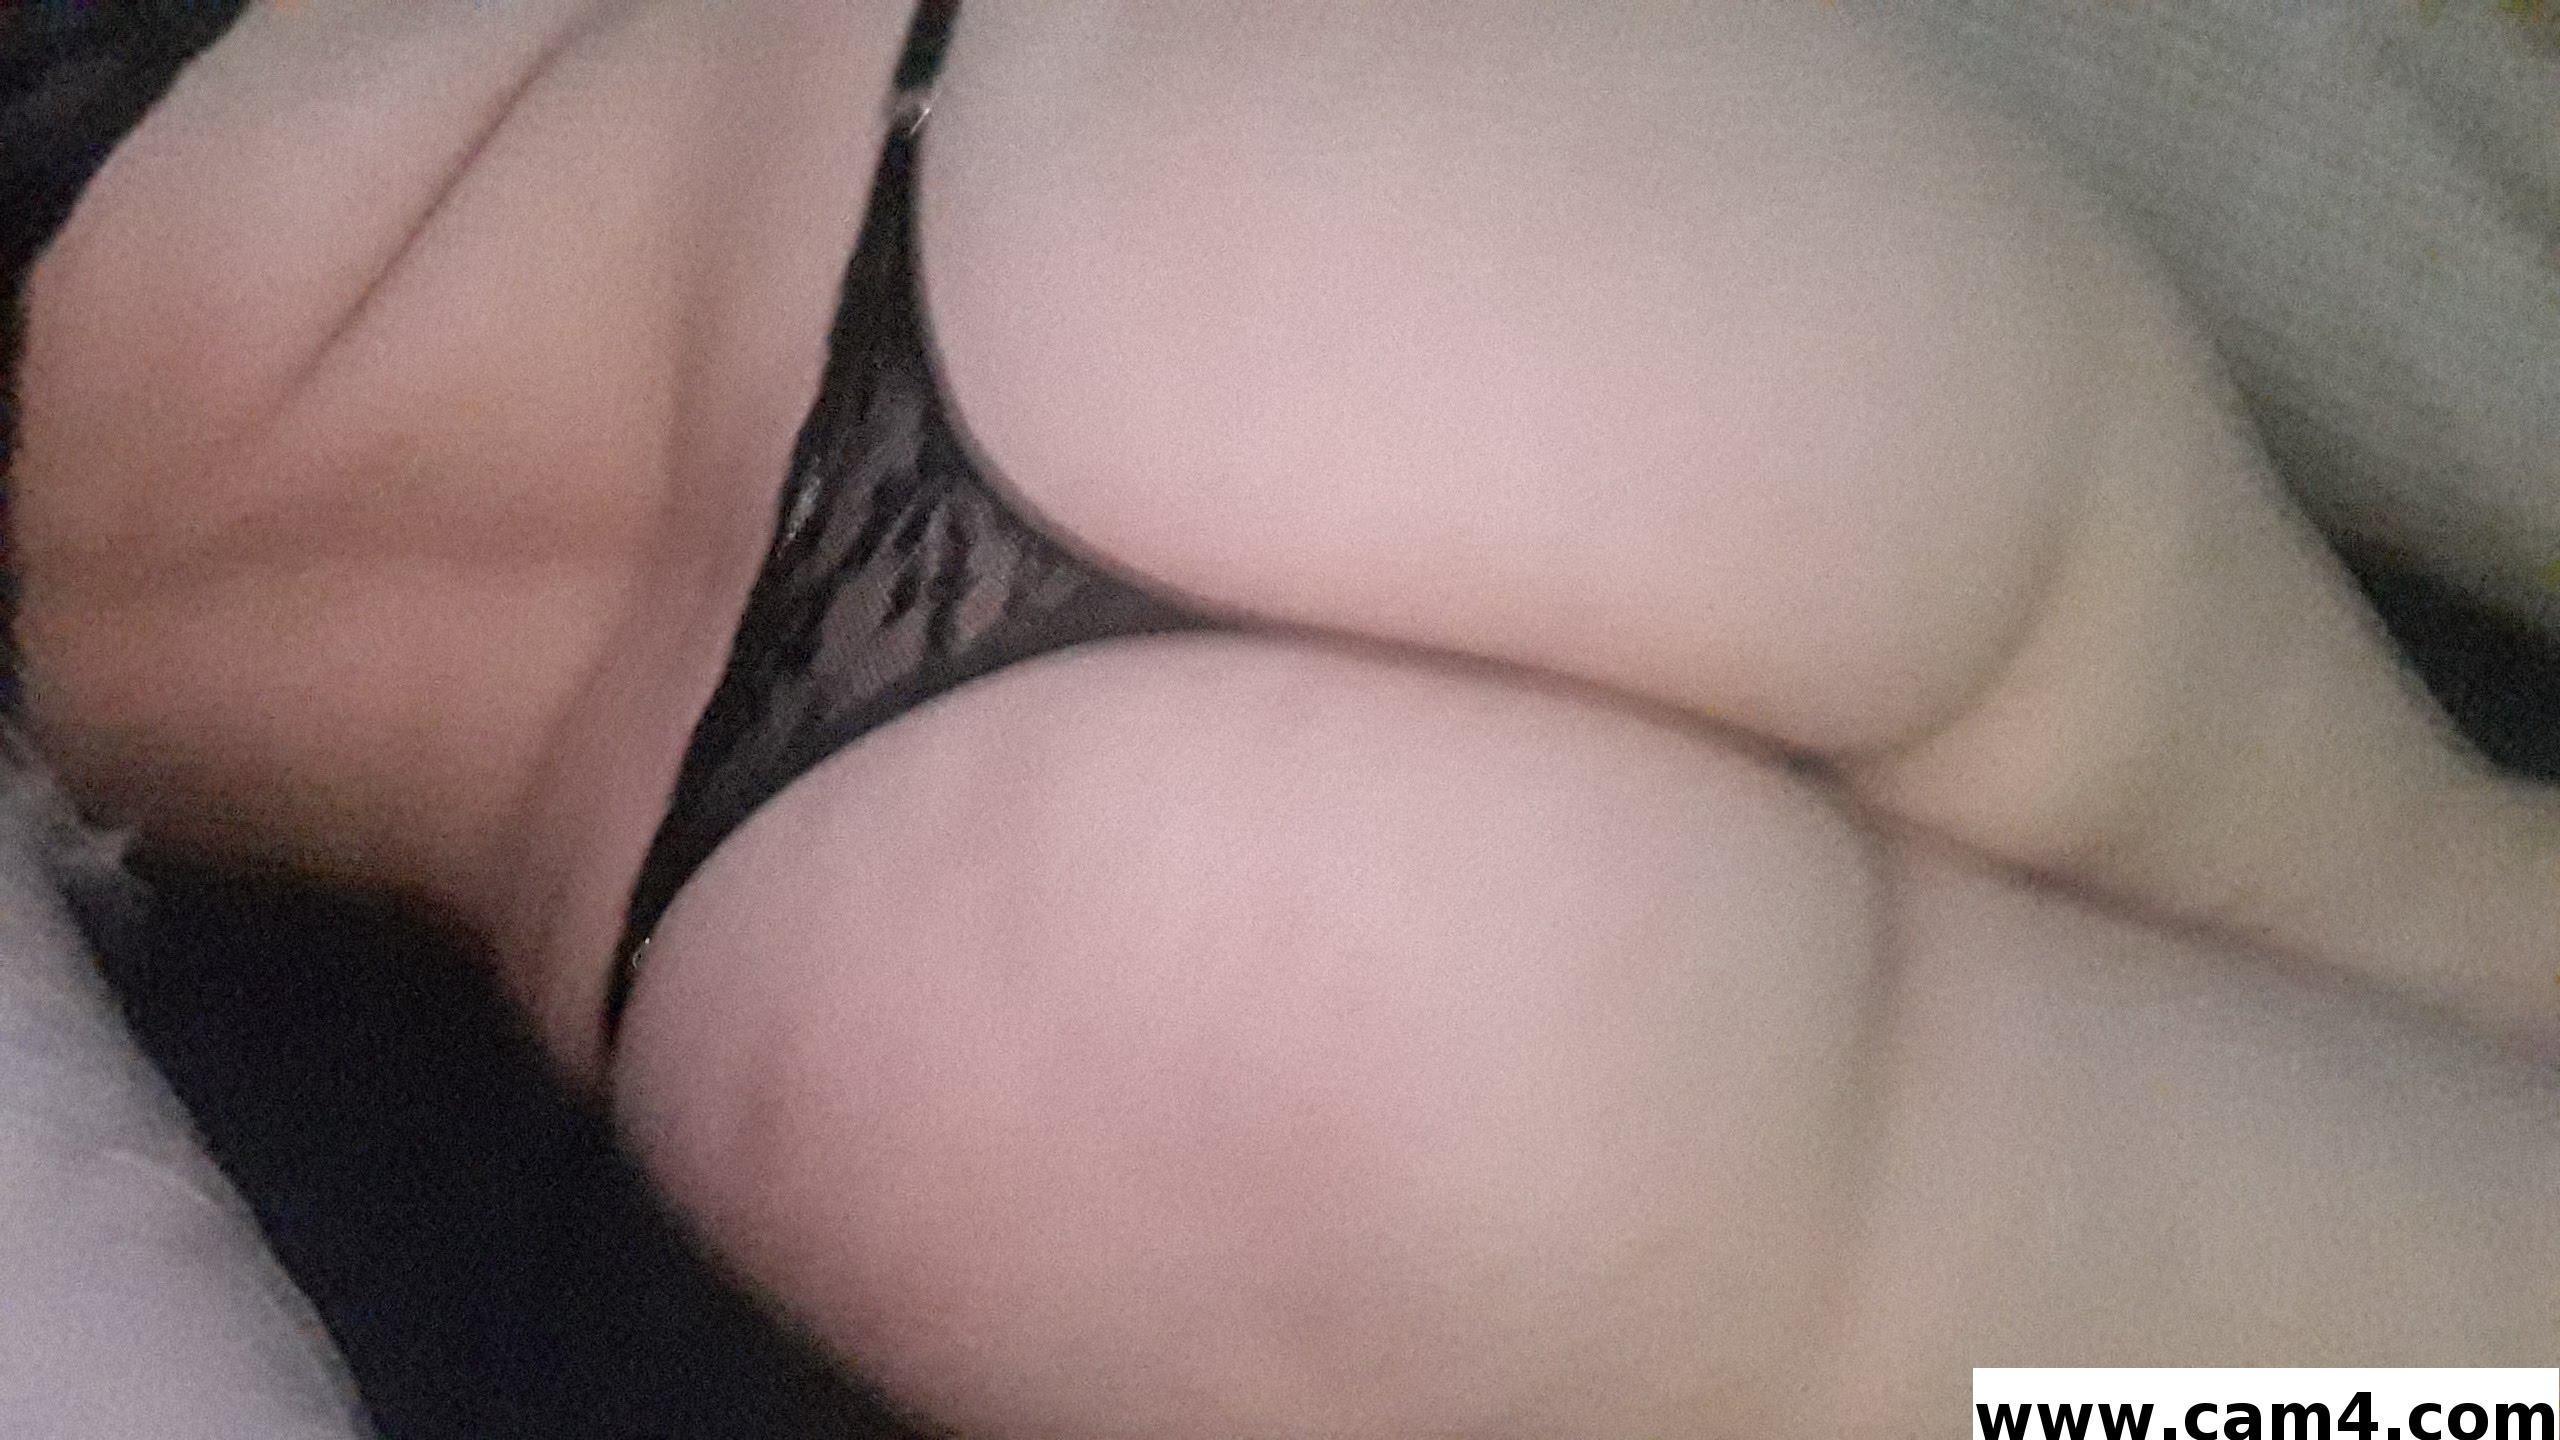 Martu sexy?s=vrv0verd4s+fnhx3ss1mjuc084crbwpijjcgta79fvi=